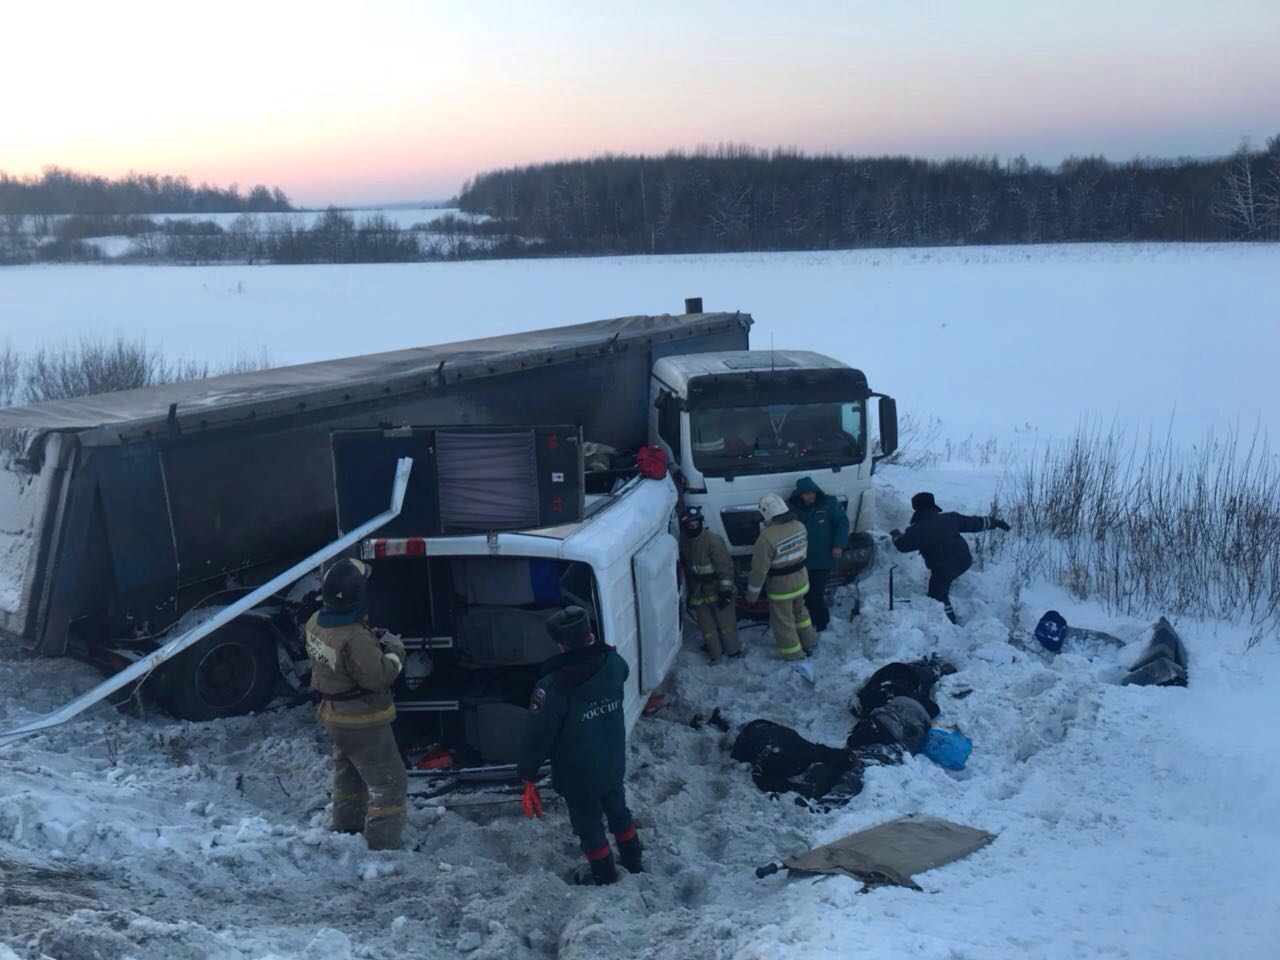 Второе ДТП с жертвами в Башкортостане: 9 человек погибли при столкновении микроавтобуса и грузовика (ФОТО)